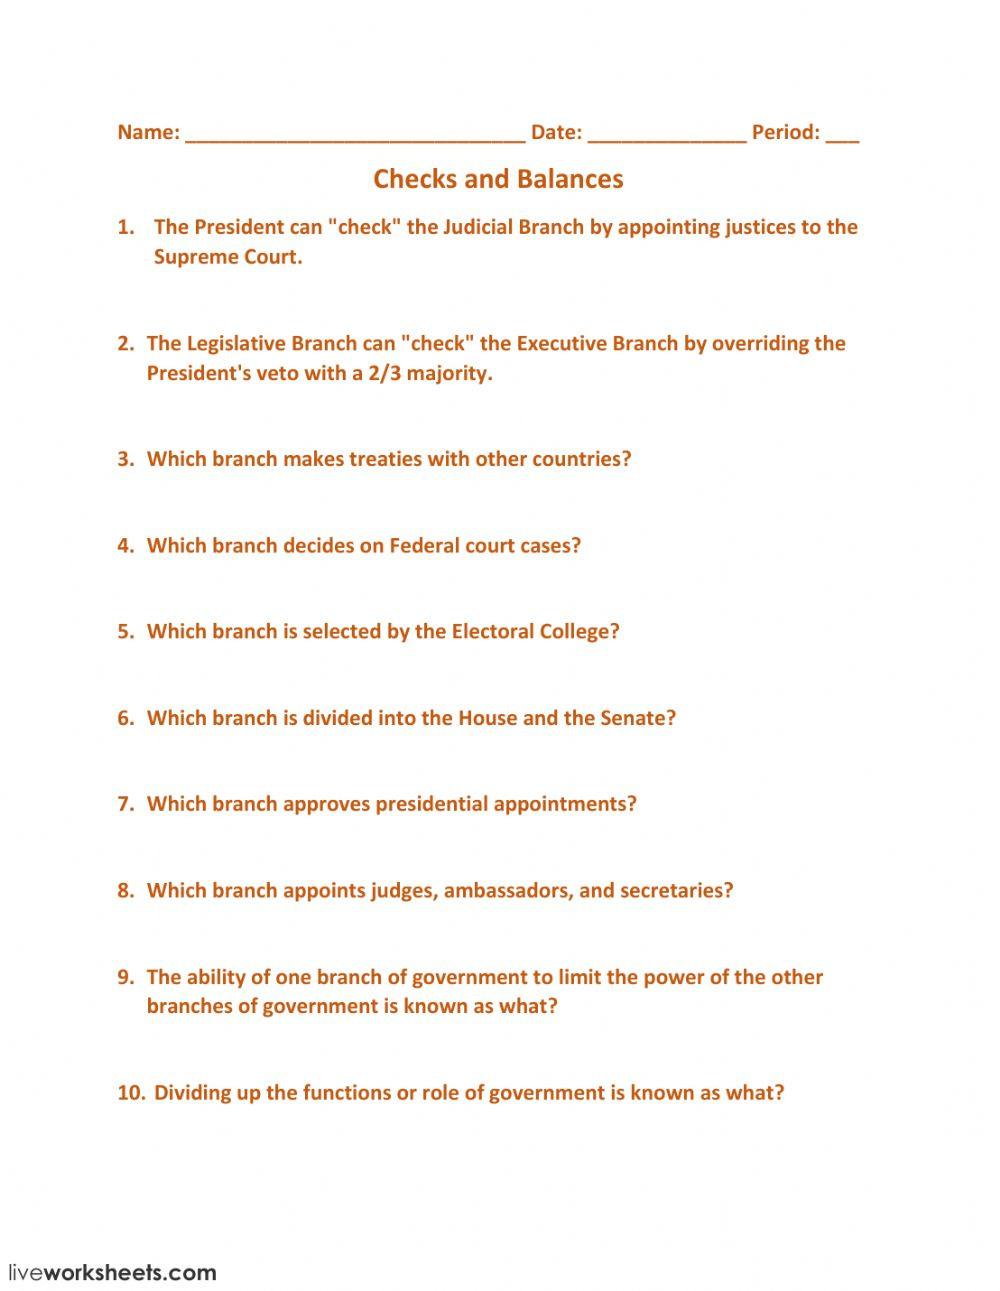 Checks and Balances Worksheet Answers Checks and Balances Interactive Worksheet